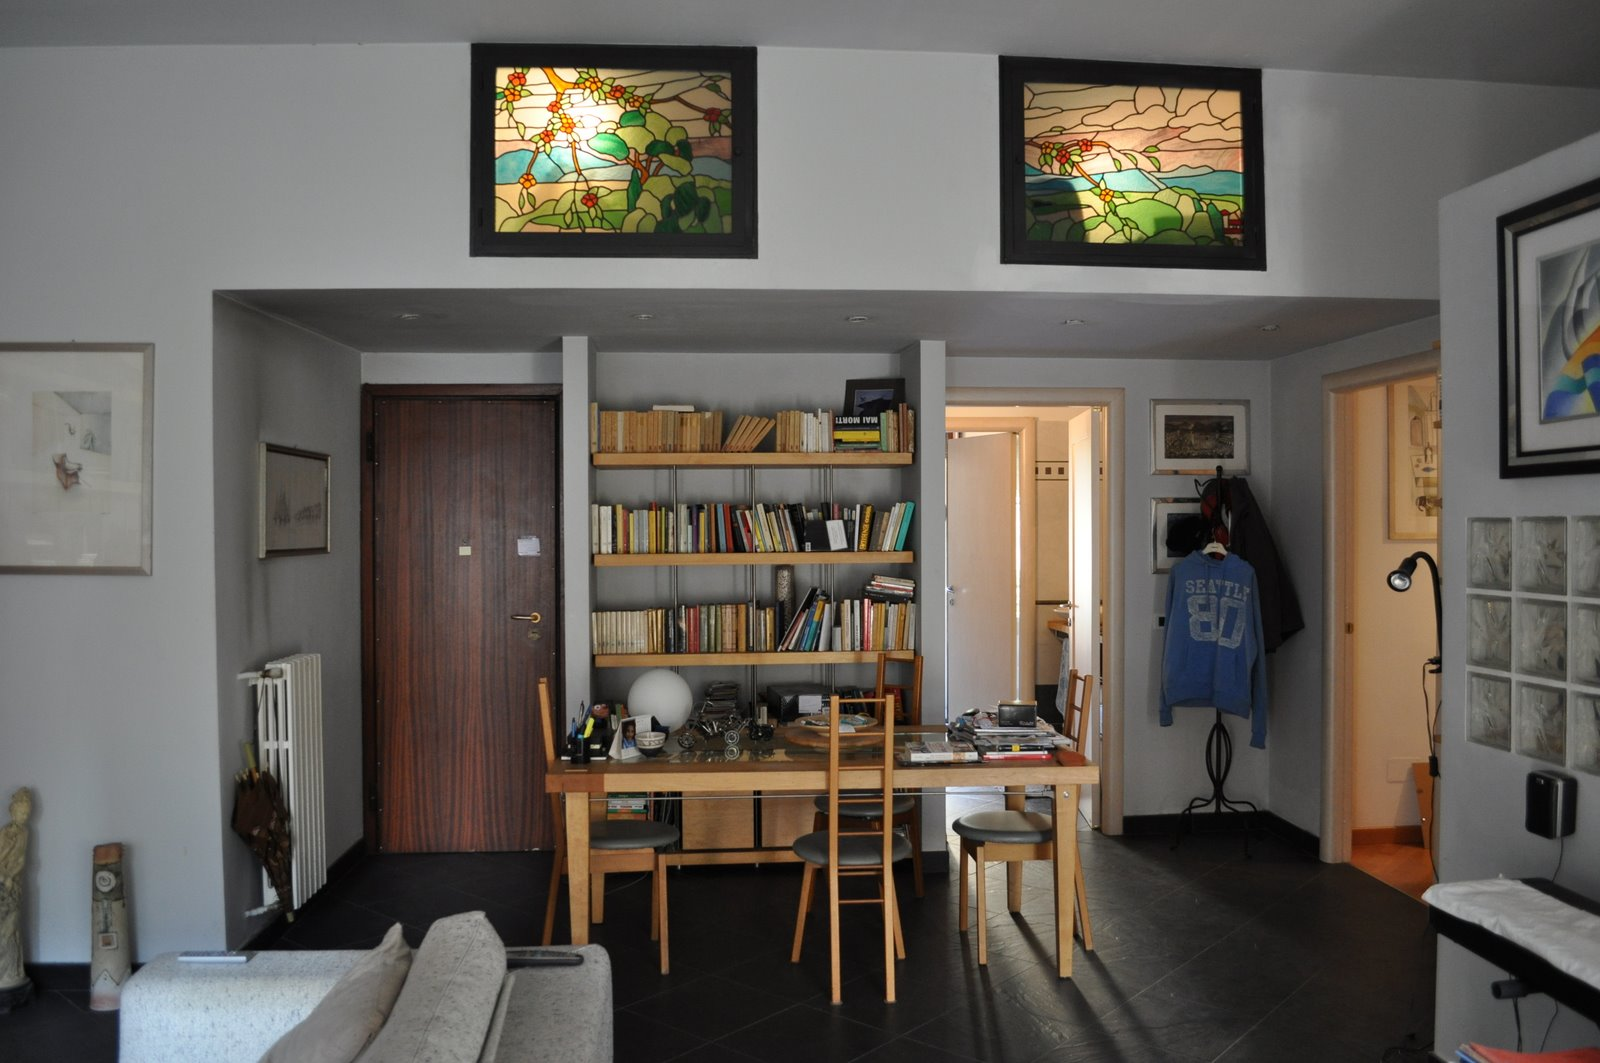 Prezzi di scarpe donna salone e cucina open space for Piccola cucina open space soggiorno